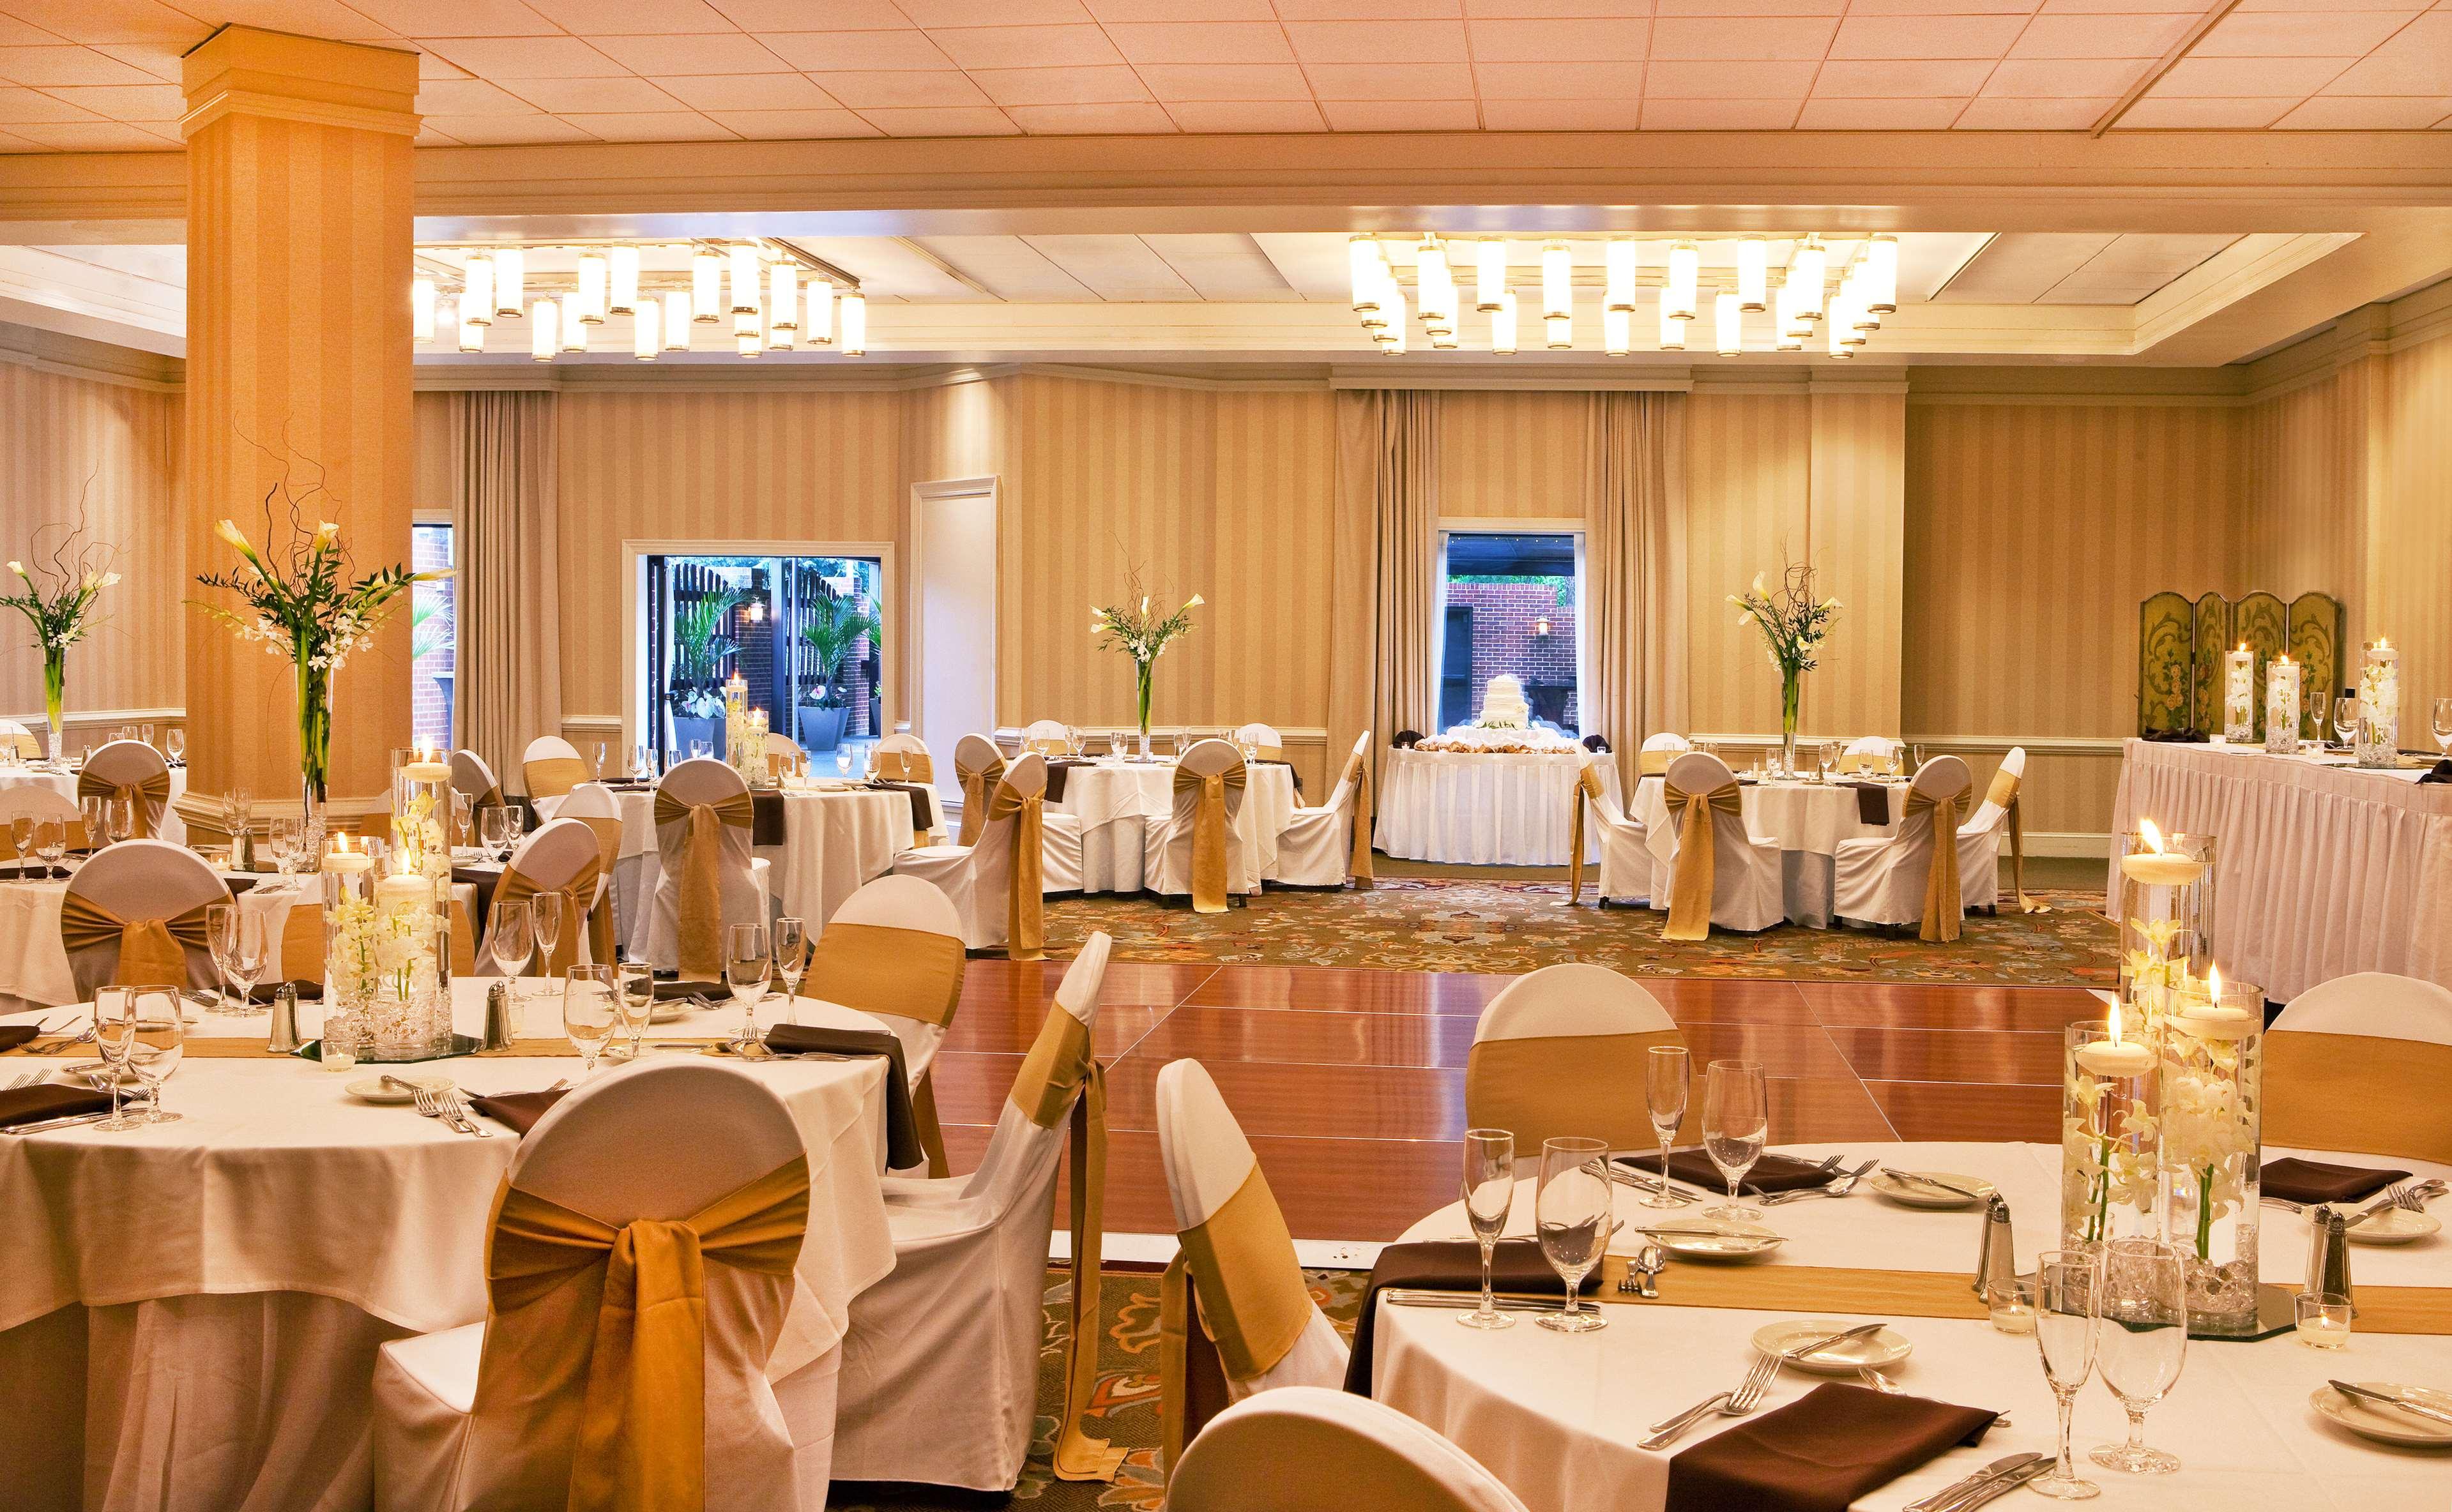 Sheraton Harrisburg Hershey Hotel image 4